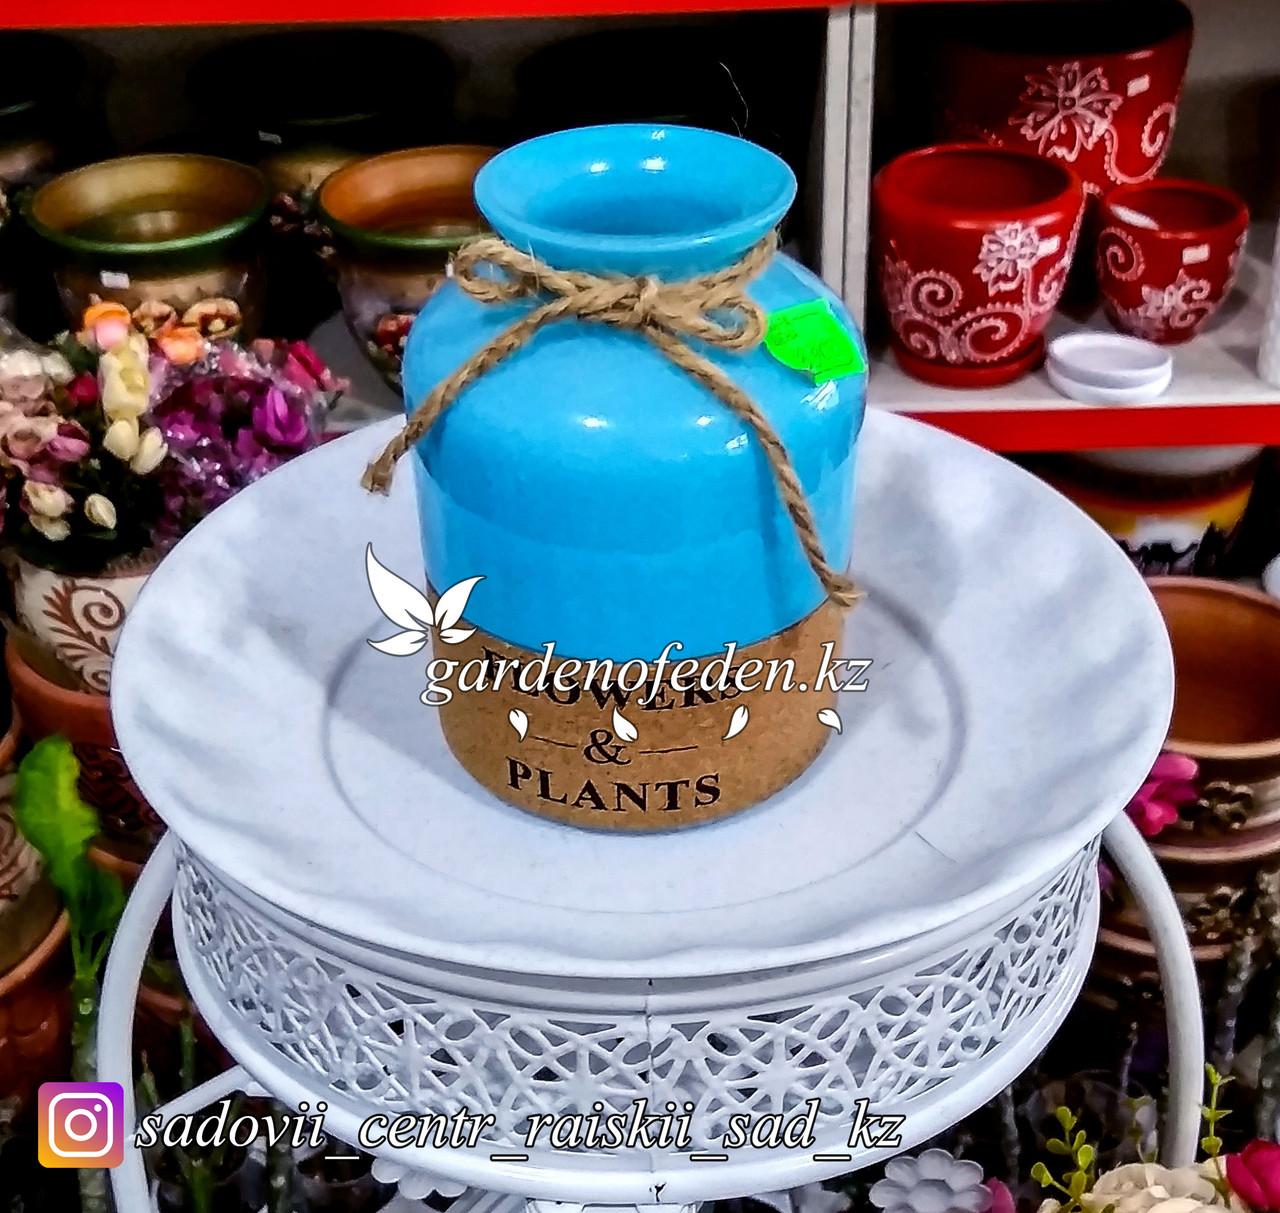 Стеклянная, декоративная ваза. Высота 15см. Цвет: Голубой.